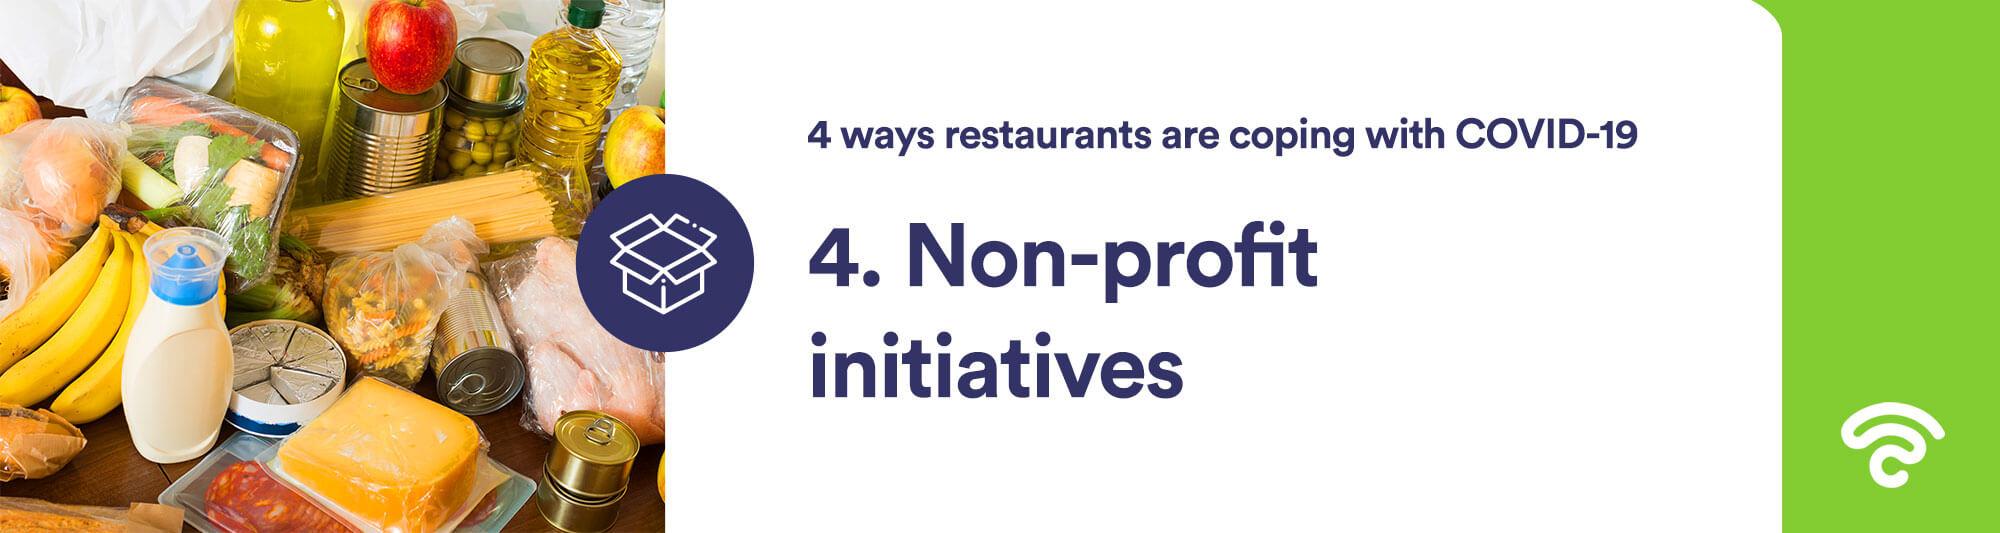 covid-19 non-profit initiatives